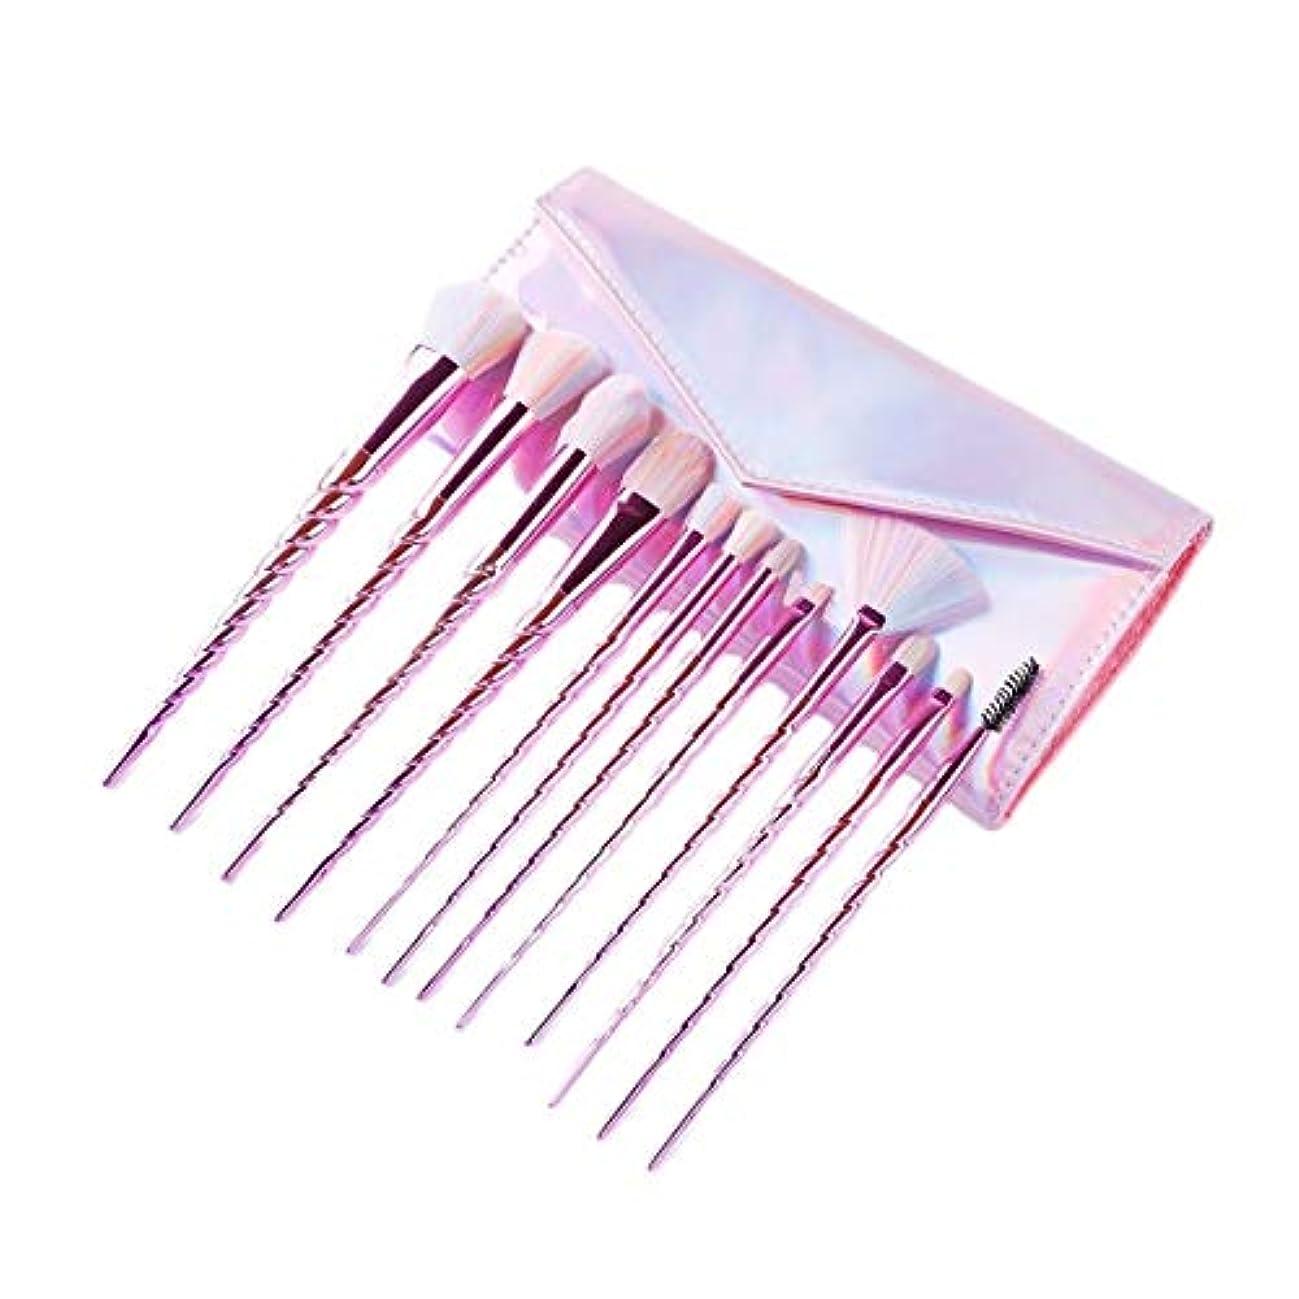 出くわすレスリングタックルTUOFL メイクブラシセット初心者のアイシャドウブラシ美容ブラシツール女性、持ち運びのメイクブラシフルセット (Color : Pink)